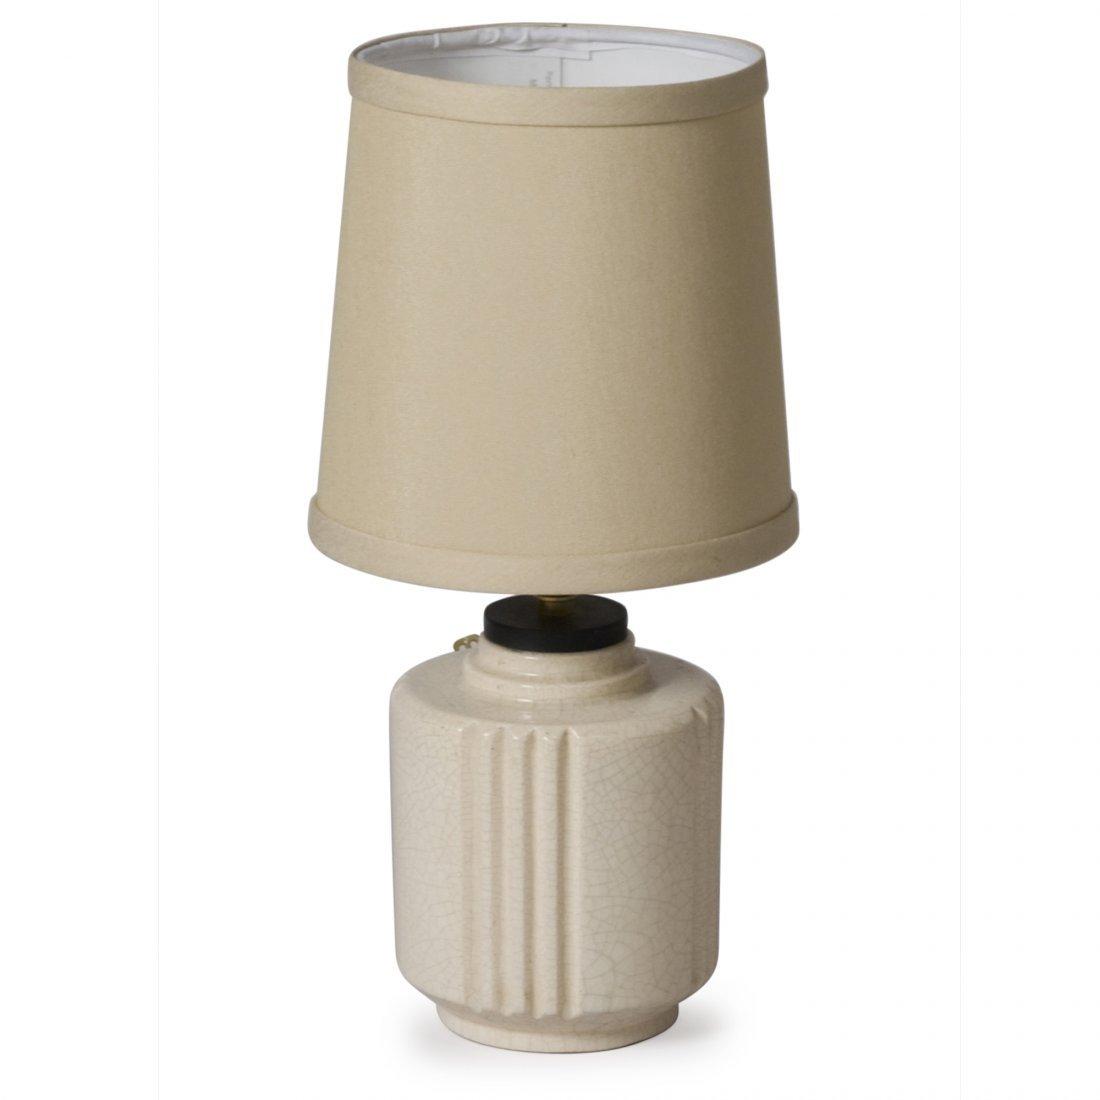 Robert Lallemant Ceramic Lamp